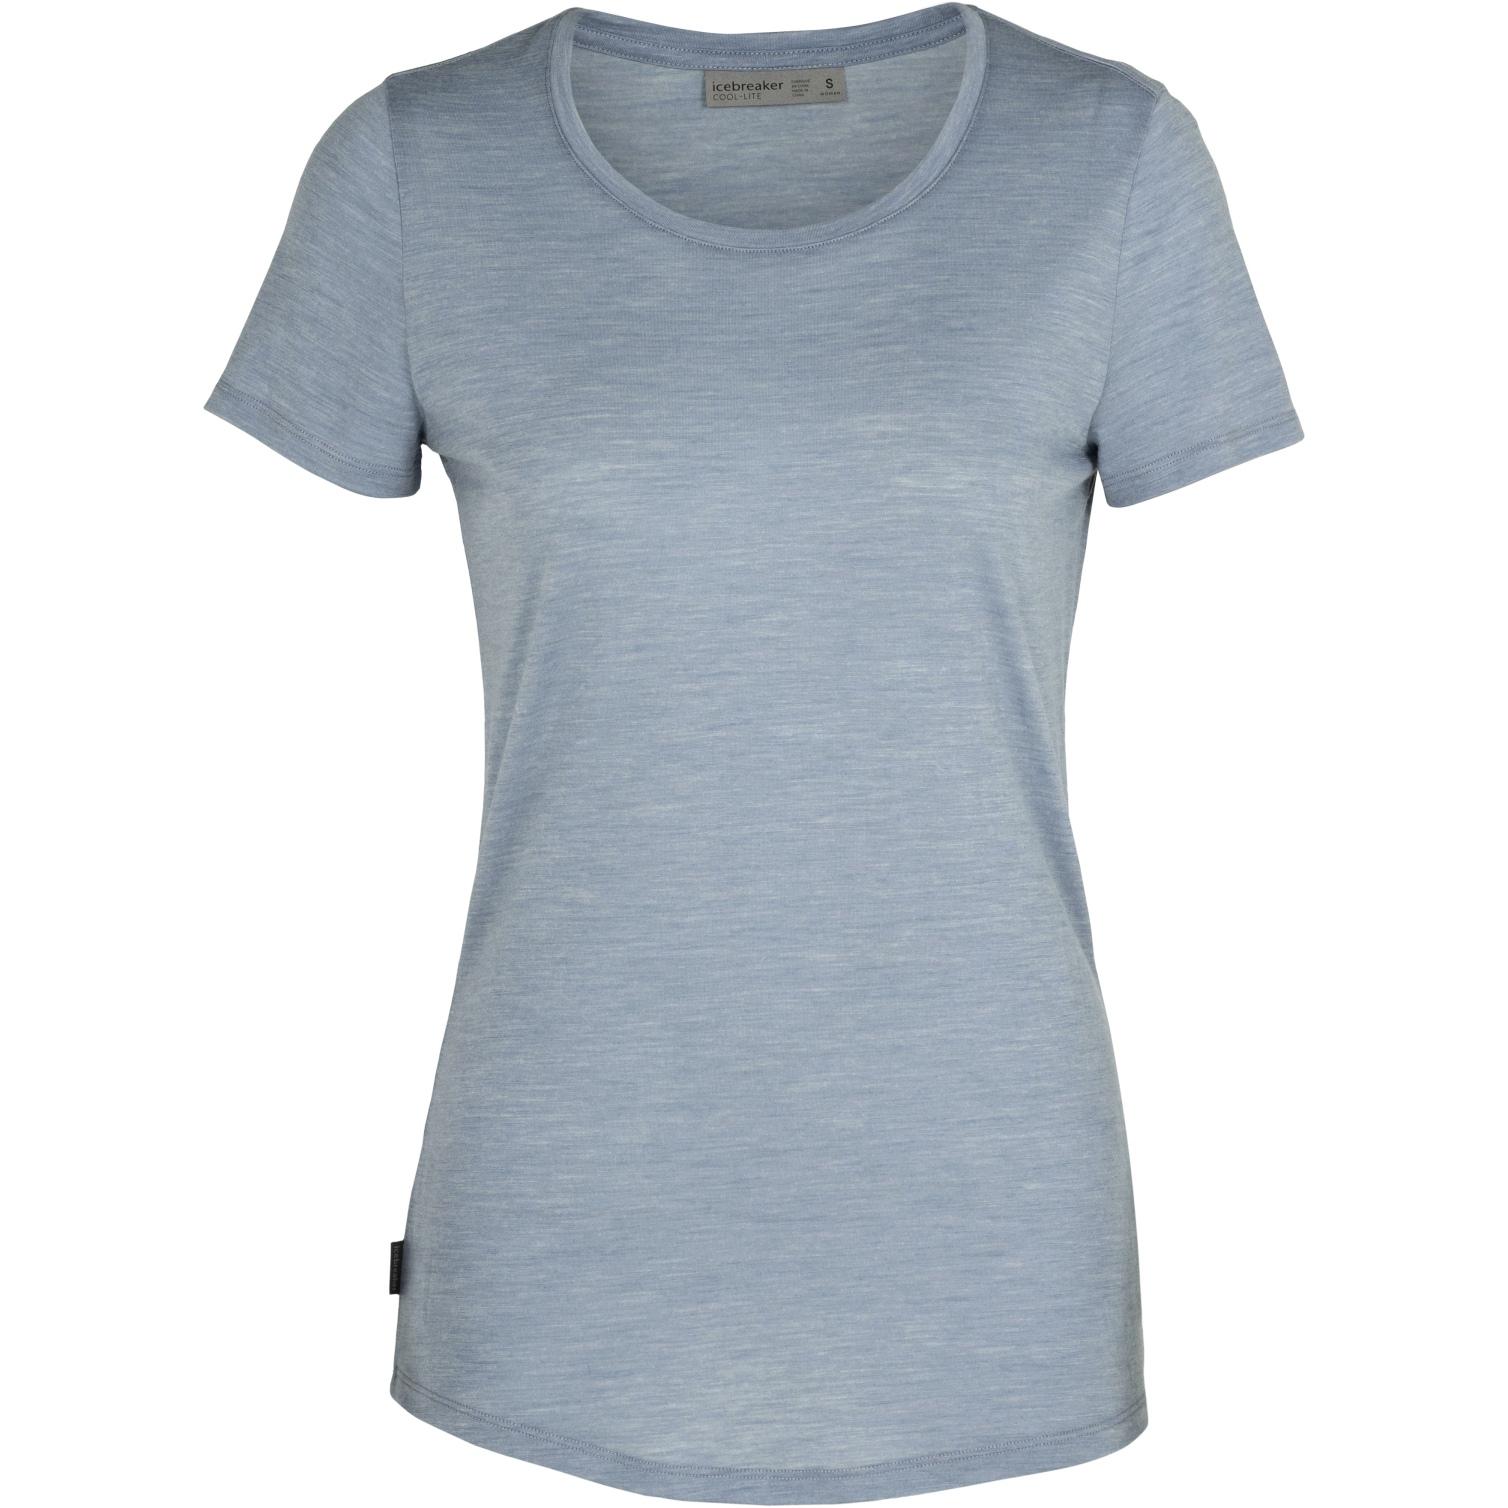 Produktbild von Icebreaker Sphere Low Crewe Damen T-Shirt - Gravel HTHR